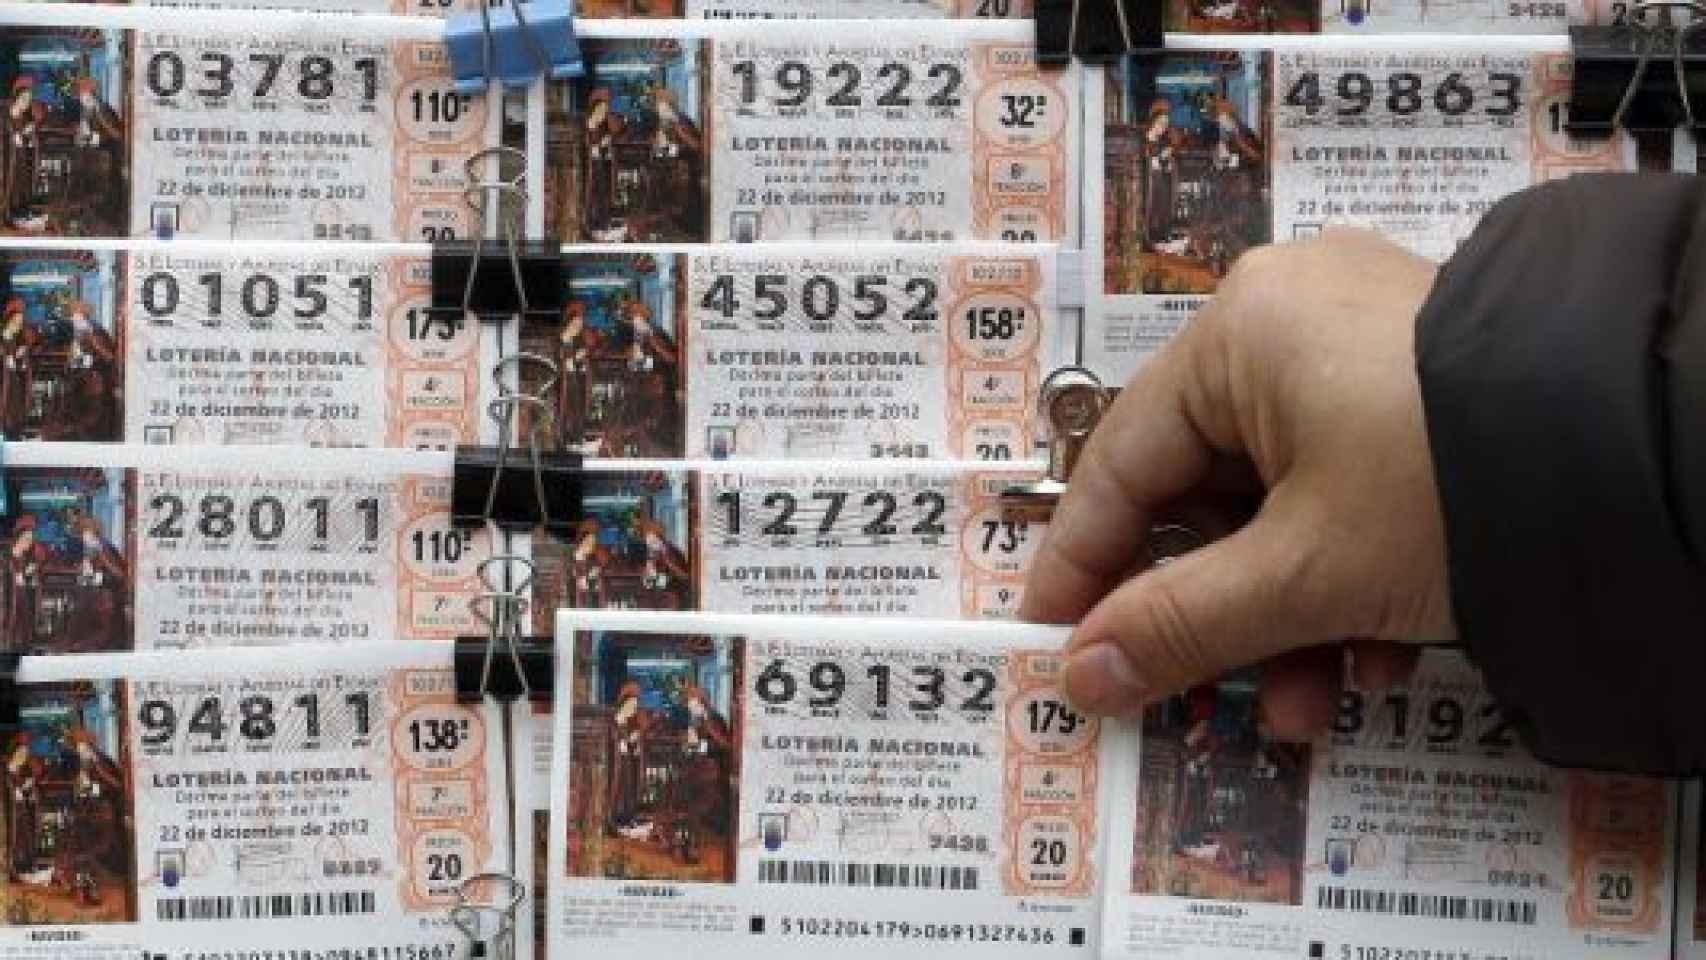 Décimos con distinta numeración para el Sorteo de Navidad de Loterías.